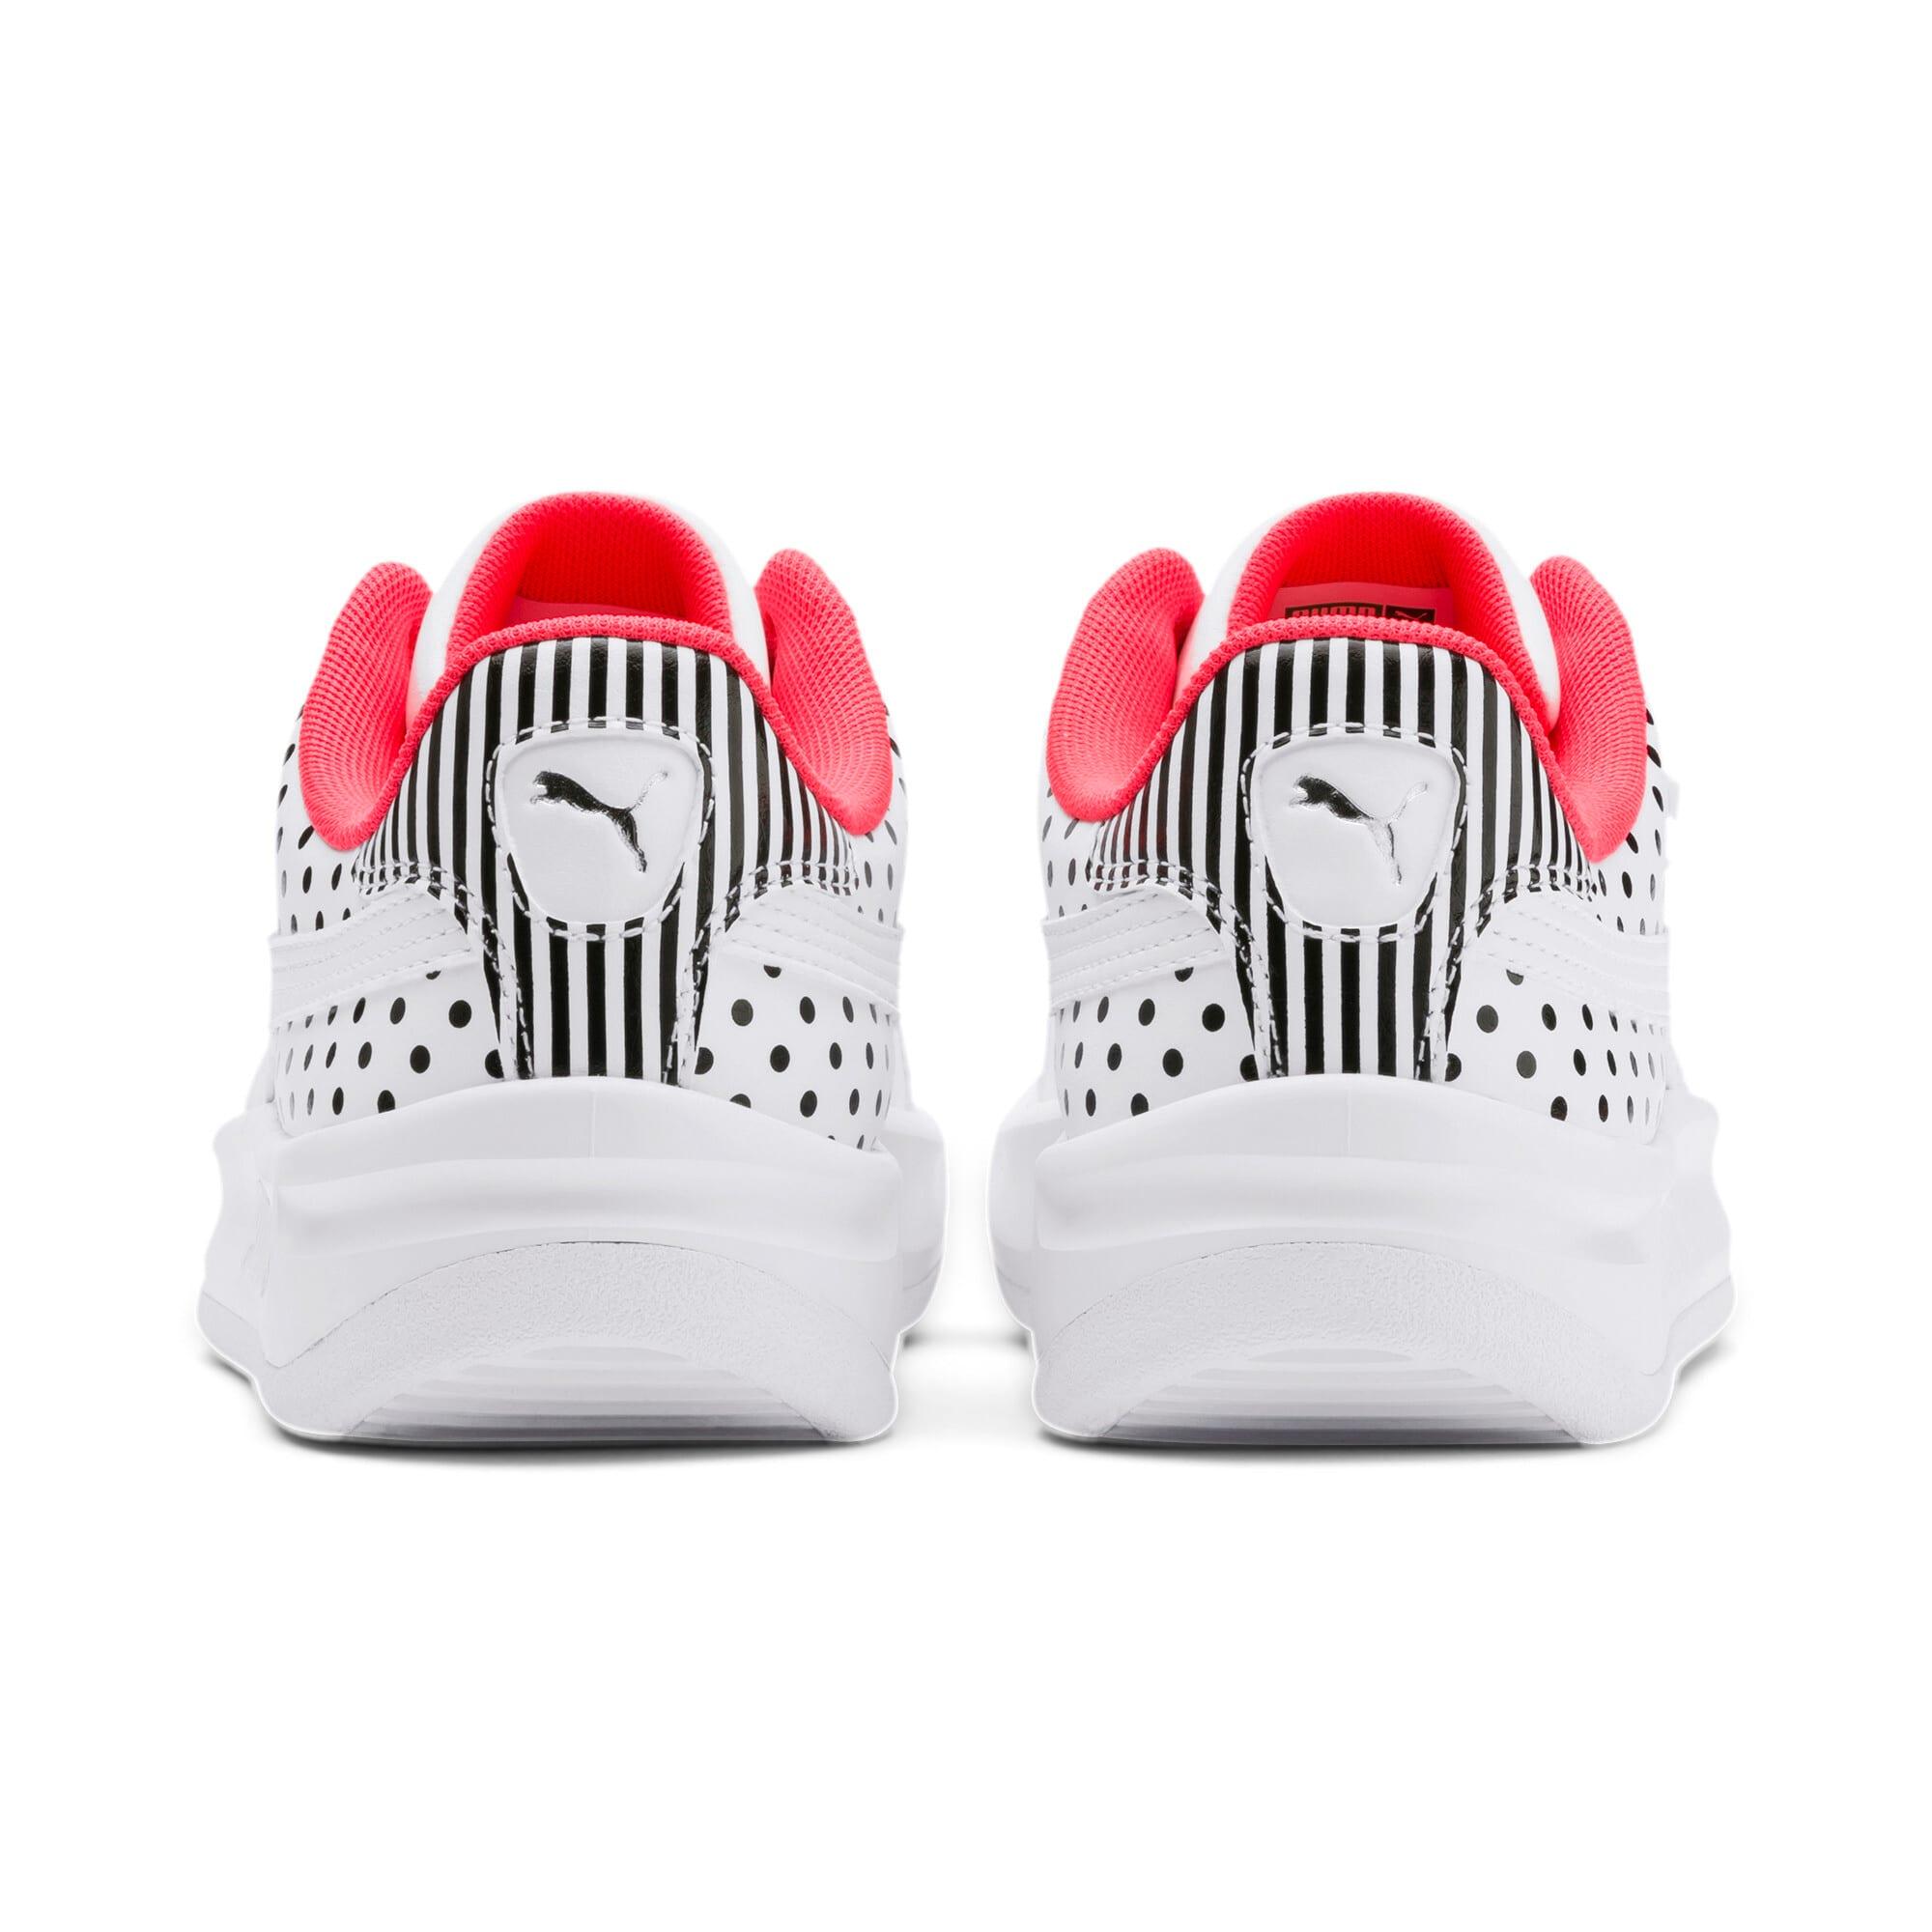 Miniatura 4 de Zapatos deportivosCalifornia Remix para mujer, Puma White-Puma Black, mediano